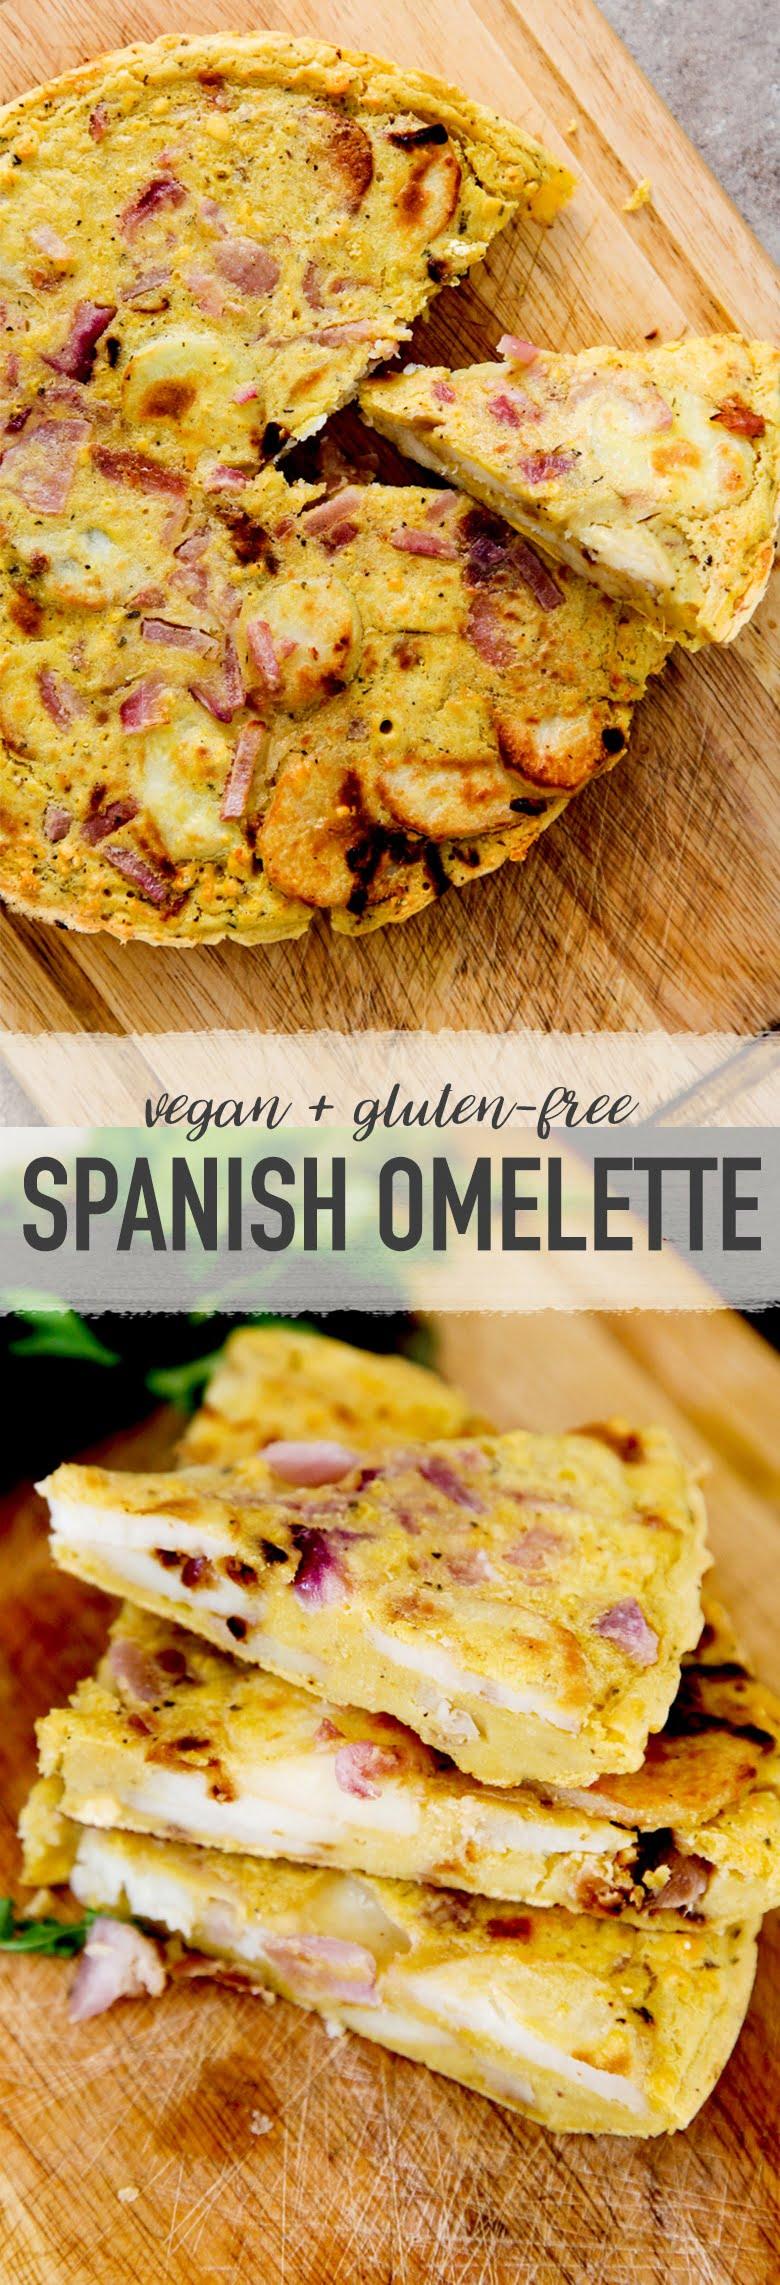 Spanish Omelette (Vegan + GF)